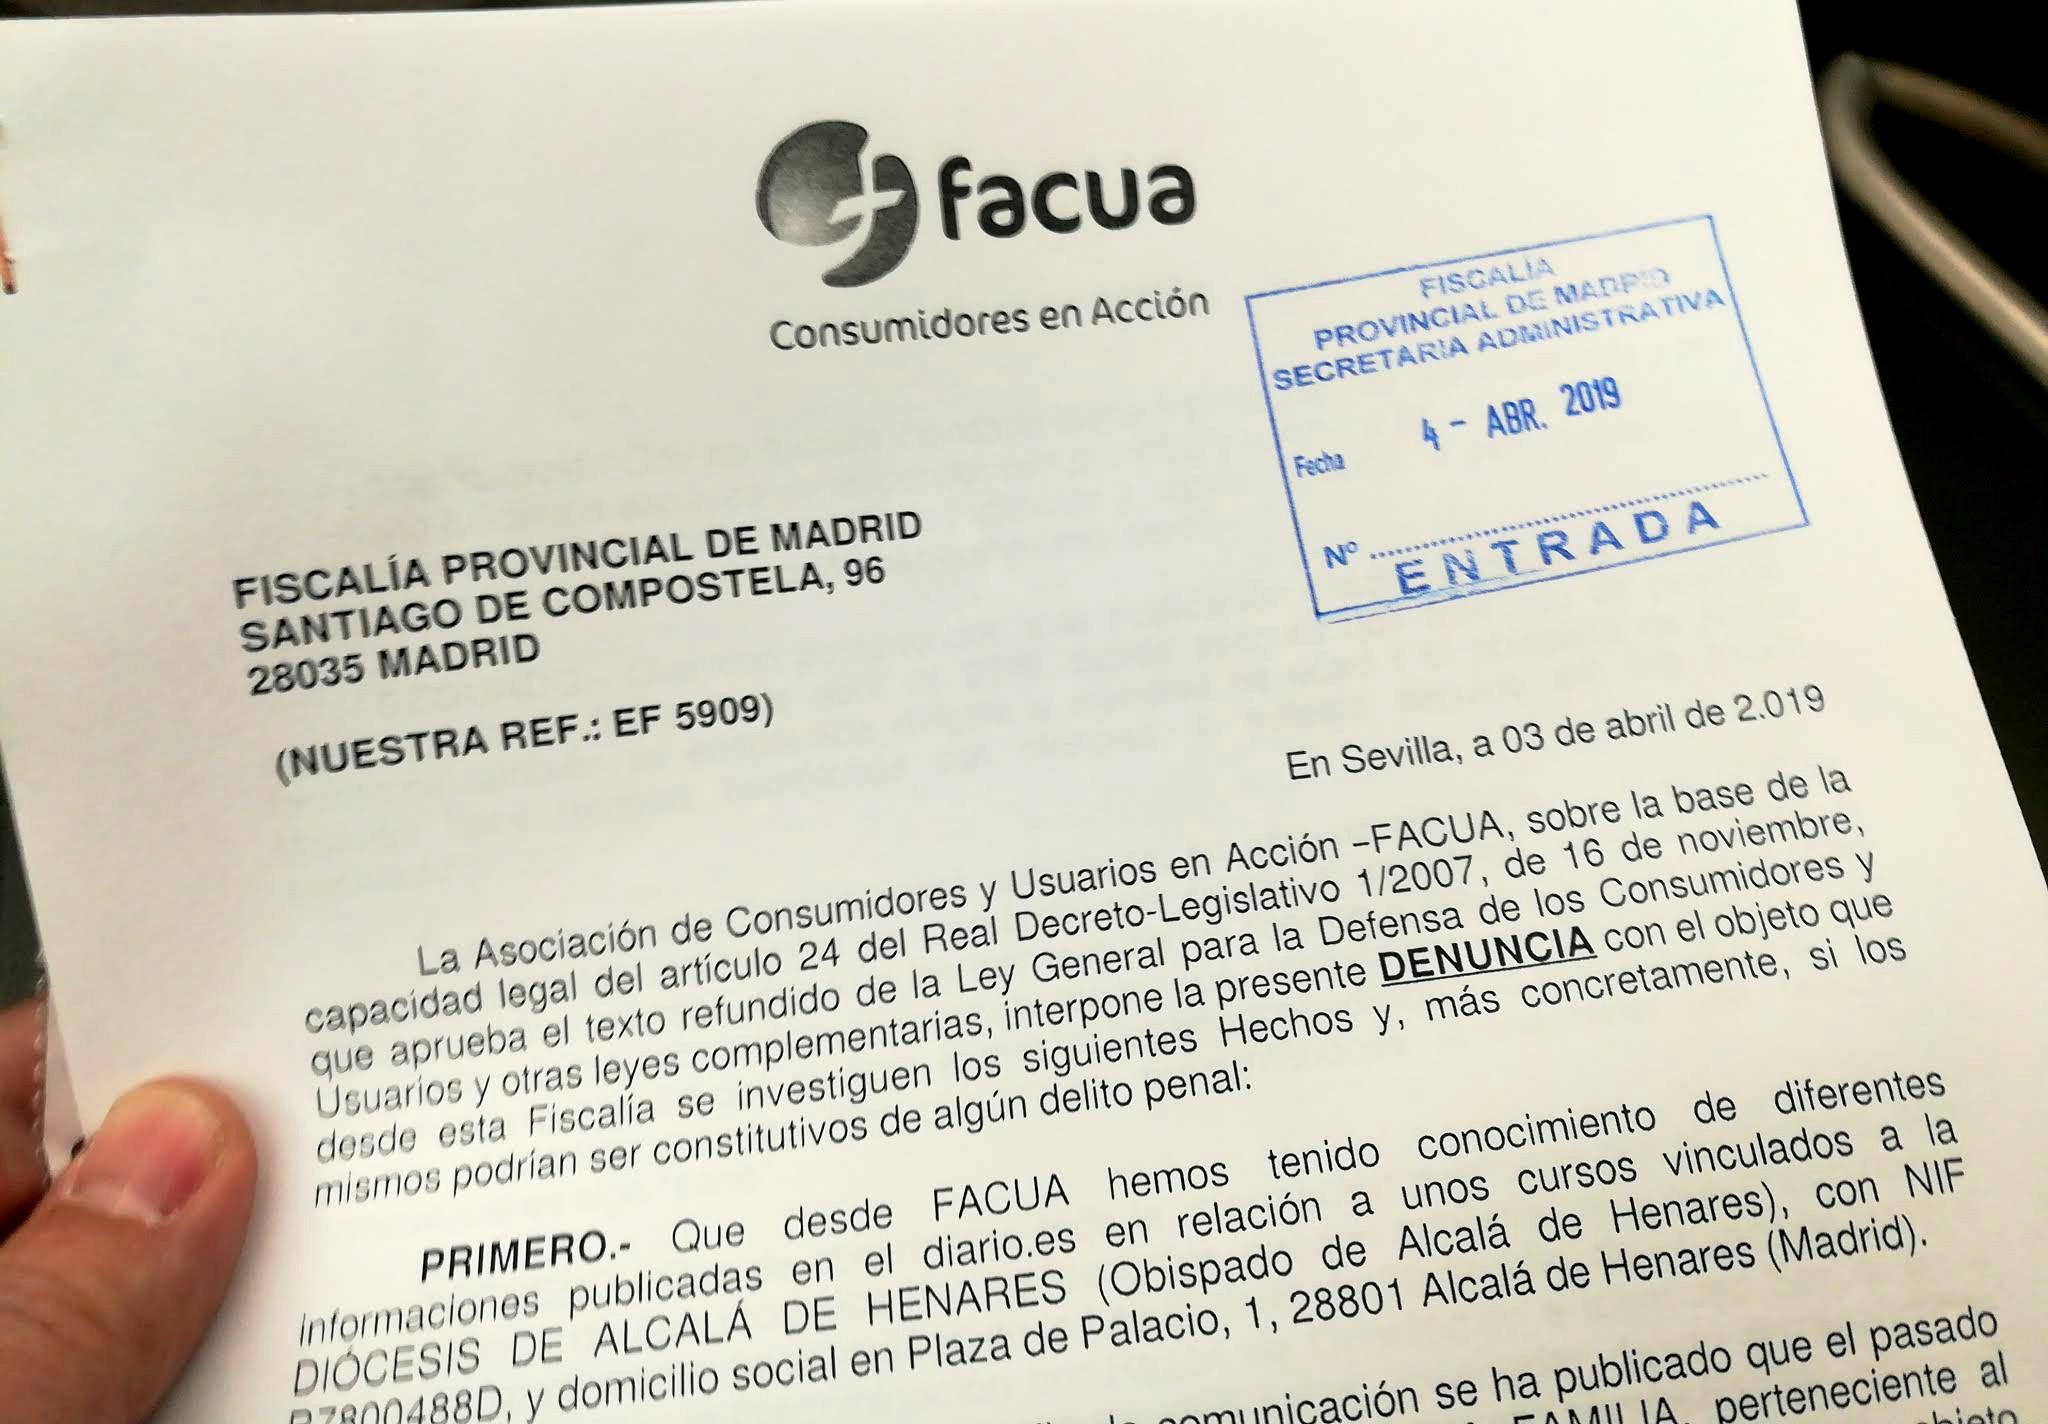 FACUA denuncia en la Fiscalía las seudoterapias homófobas del Obispado de Alcalá de Henares